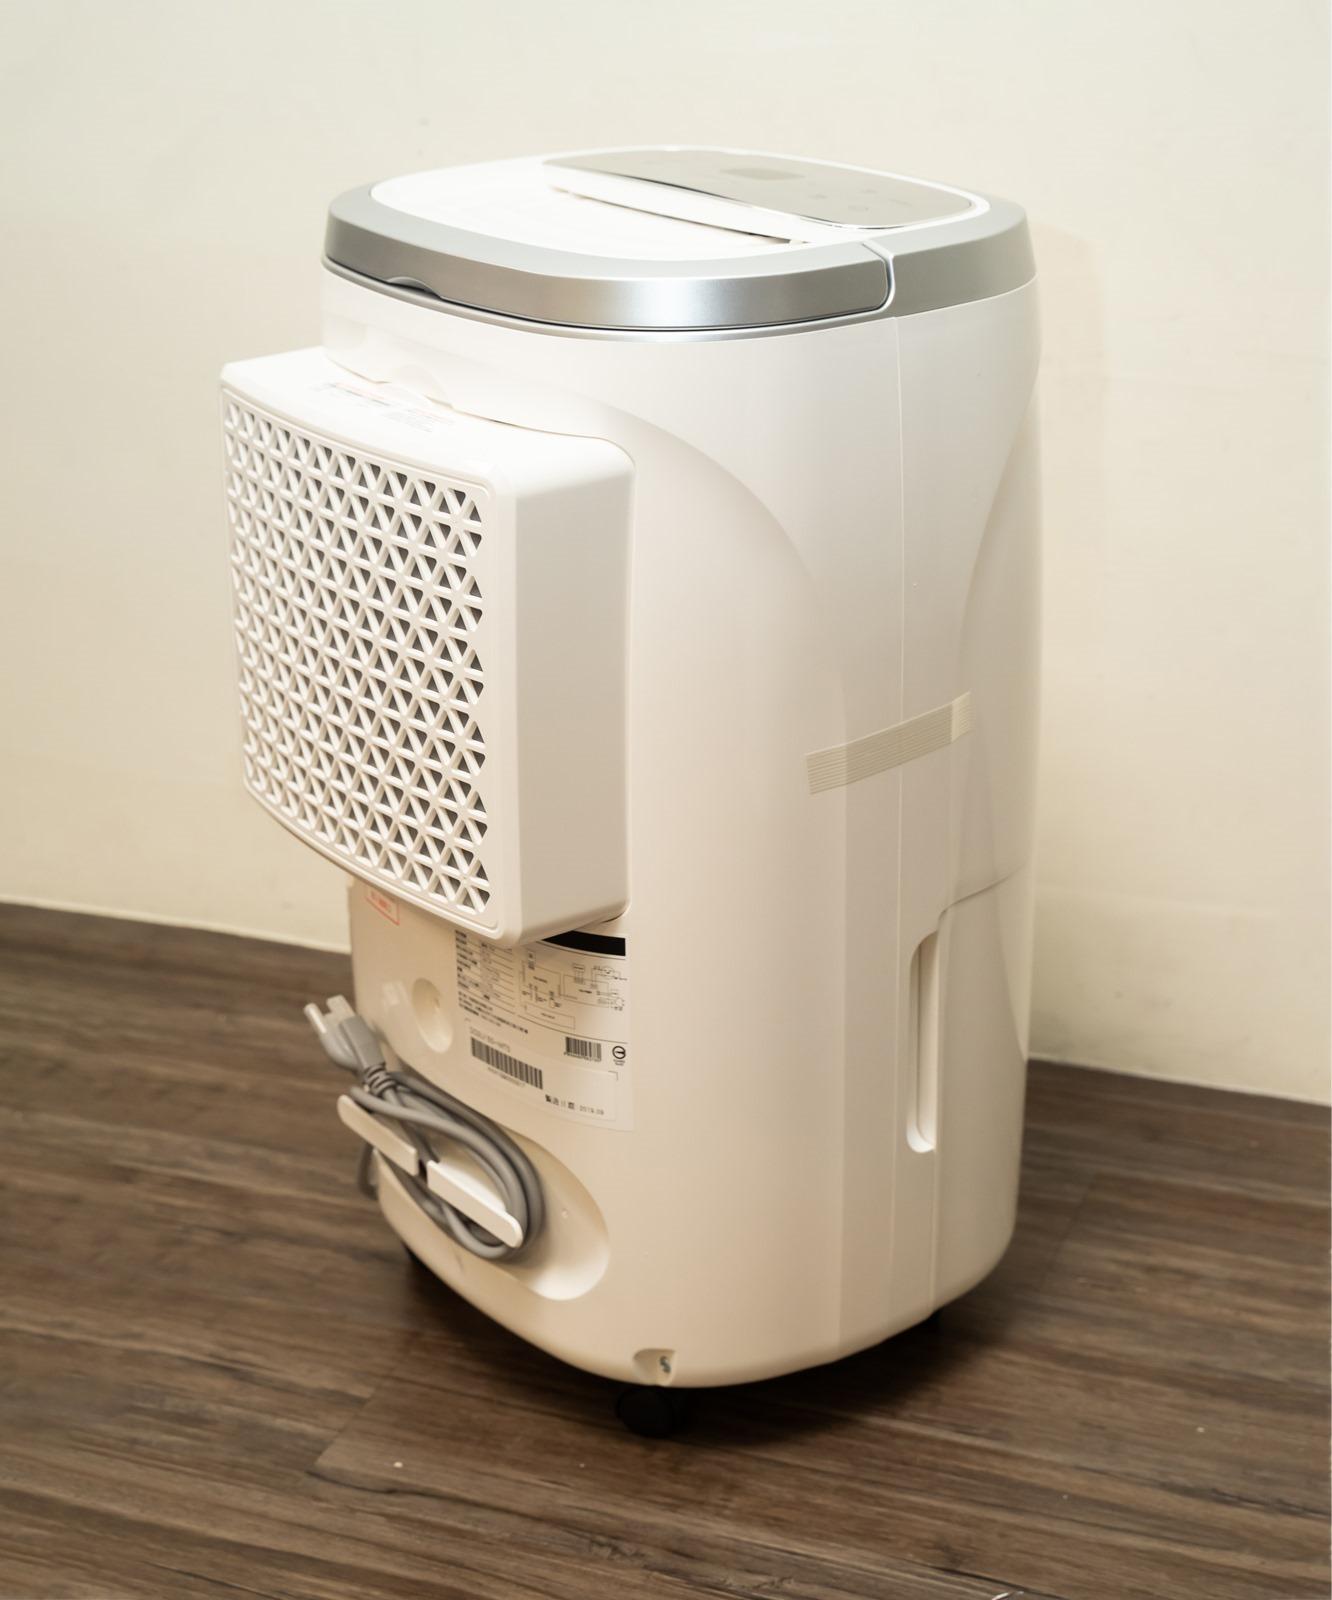 韓國銷售第一,Winix 清淨除濕機,一機雙效美型又便利! @3C 達人廖阿輝